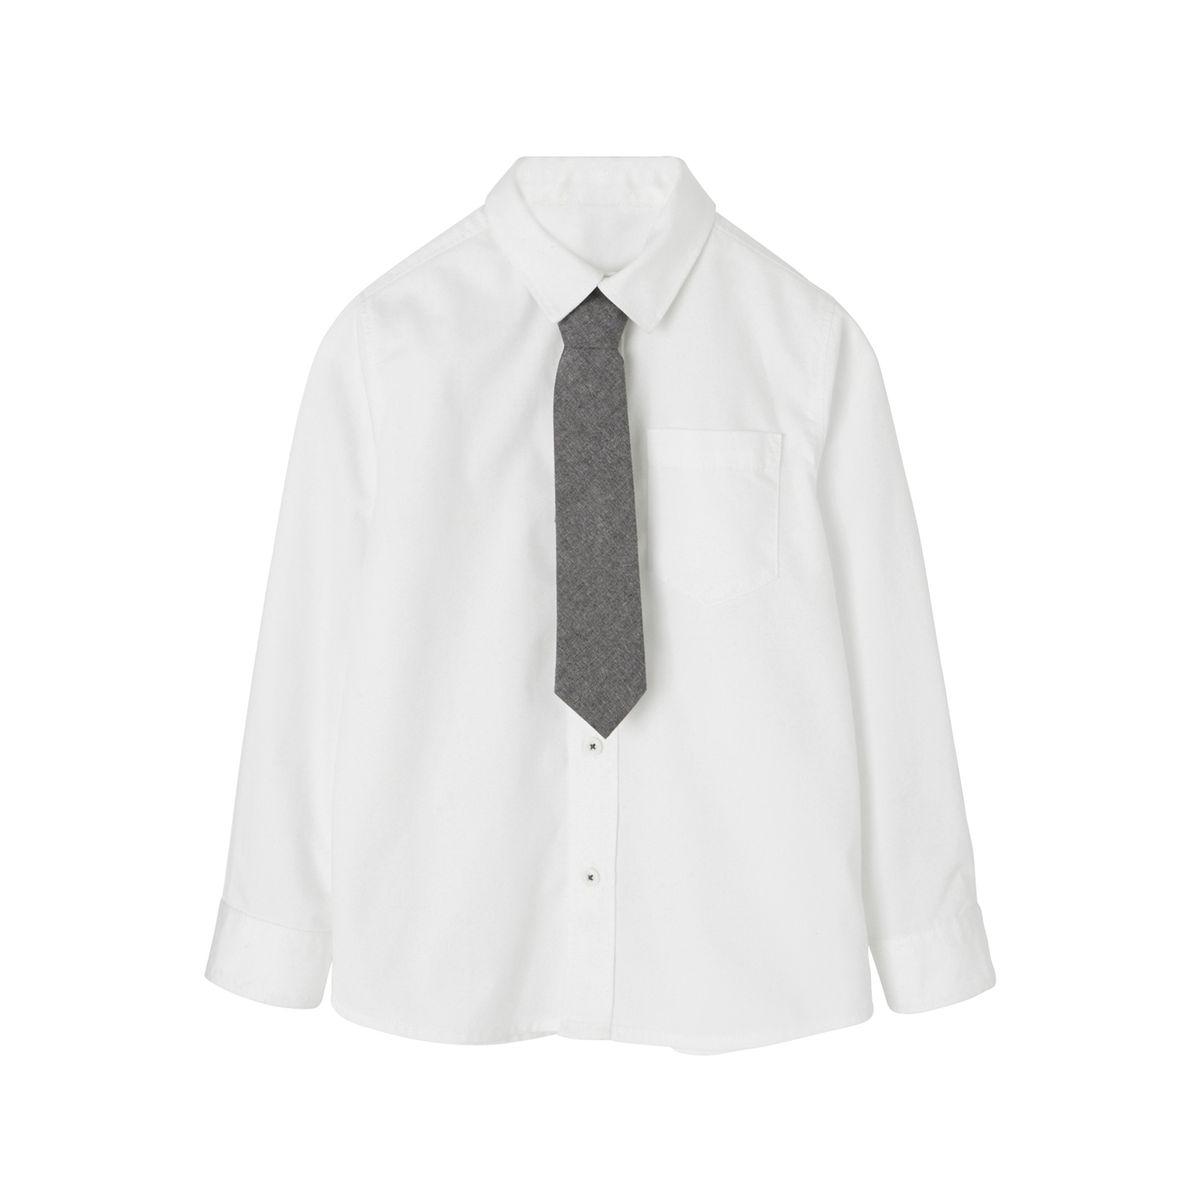 Chemise + cravate garçon